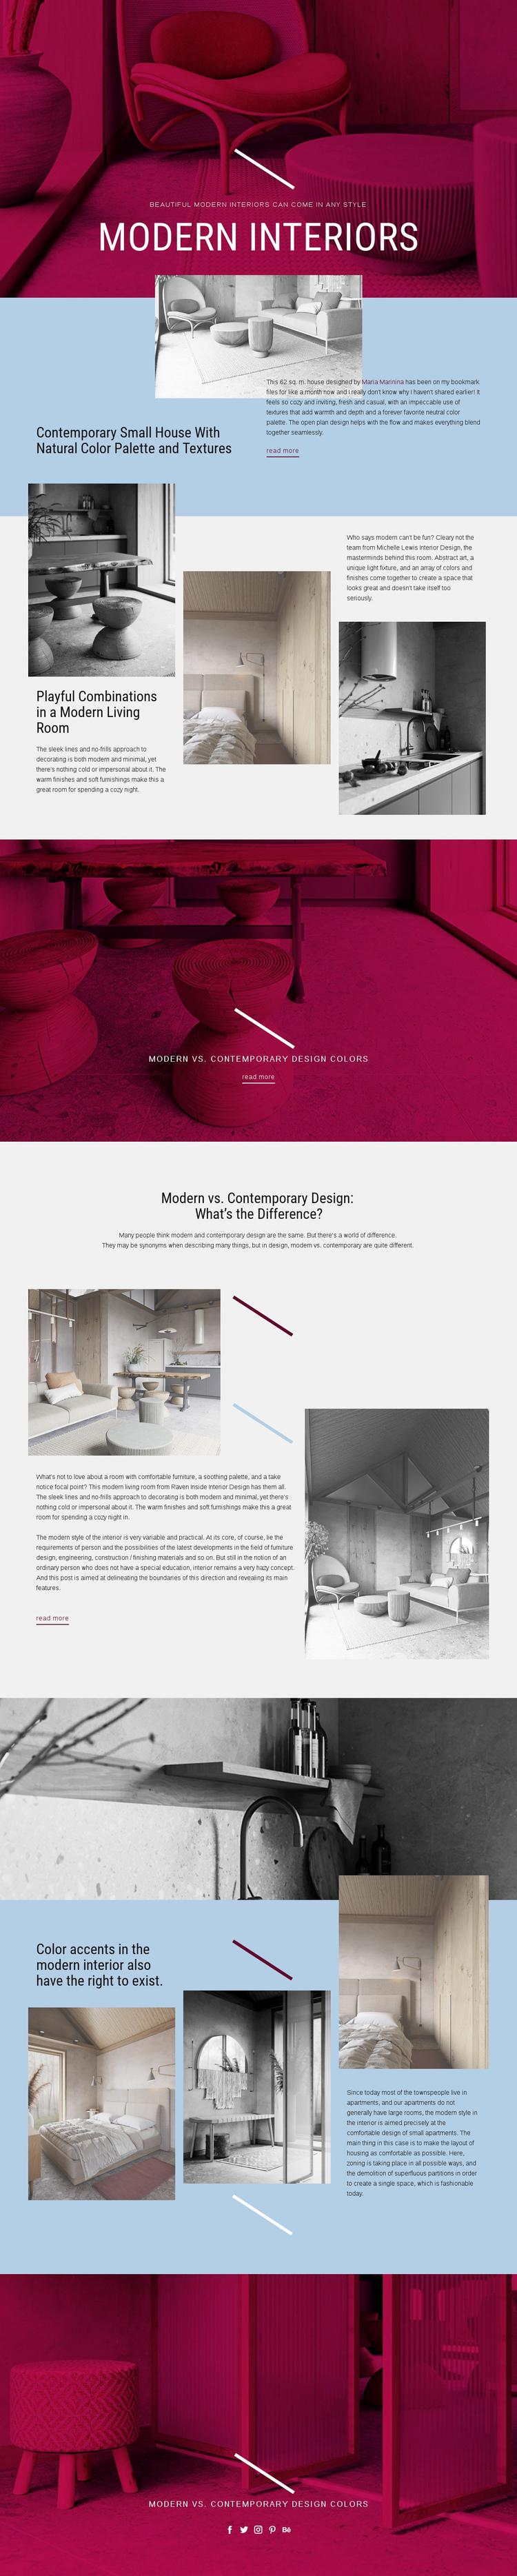 Modern Interiors Website Builder Software